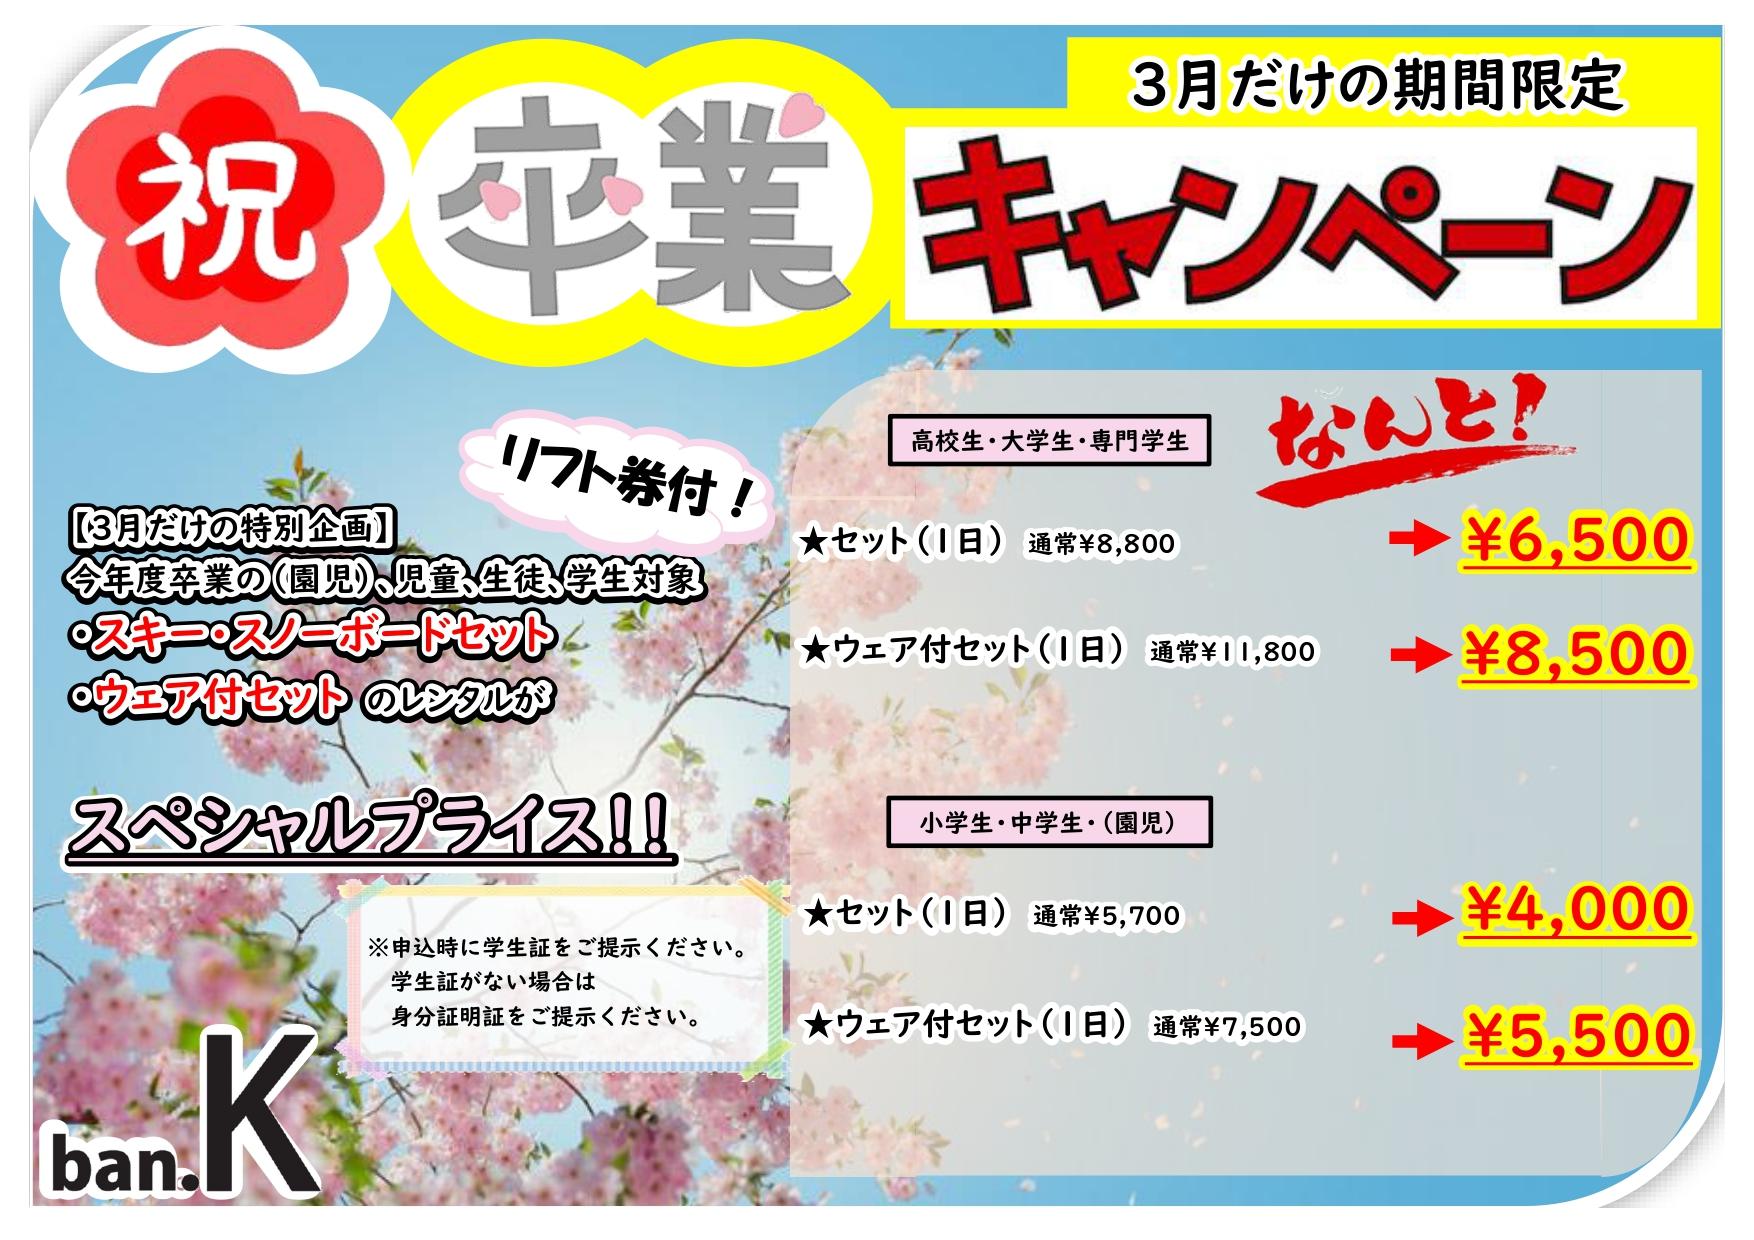 卒業キャンペーン 2020 3月(修正)_page-0001